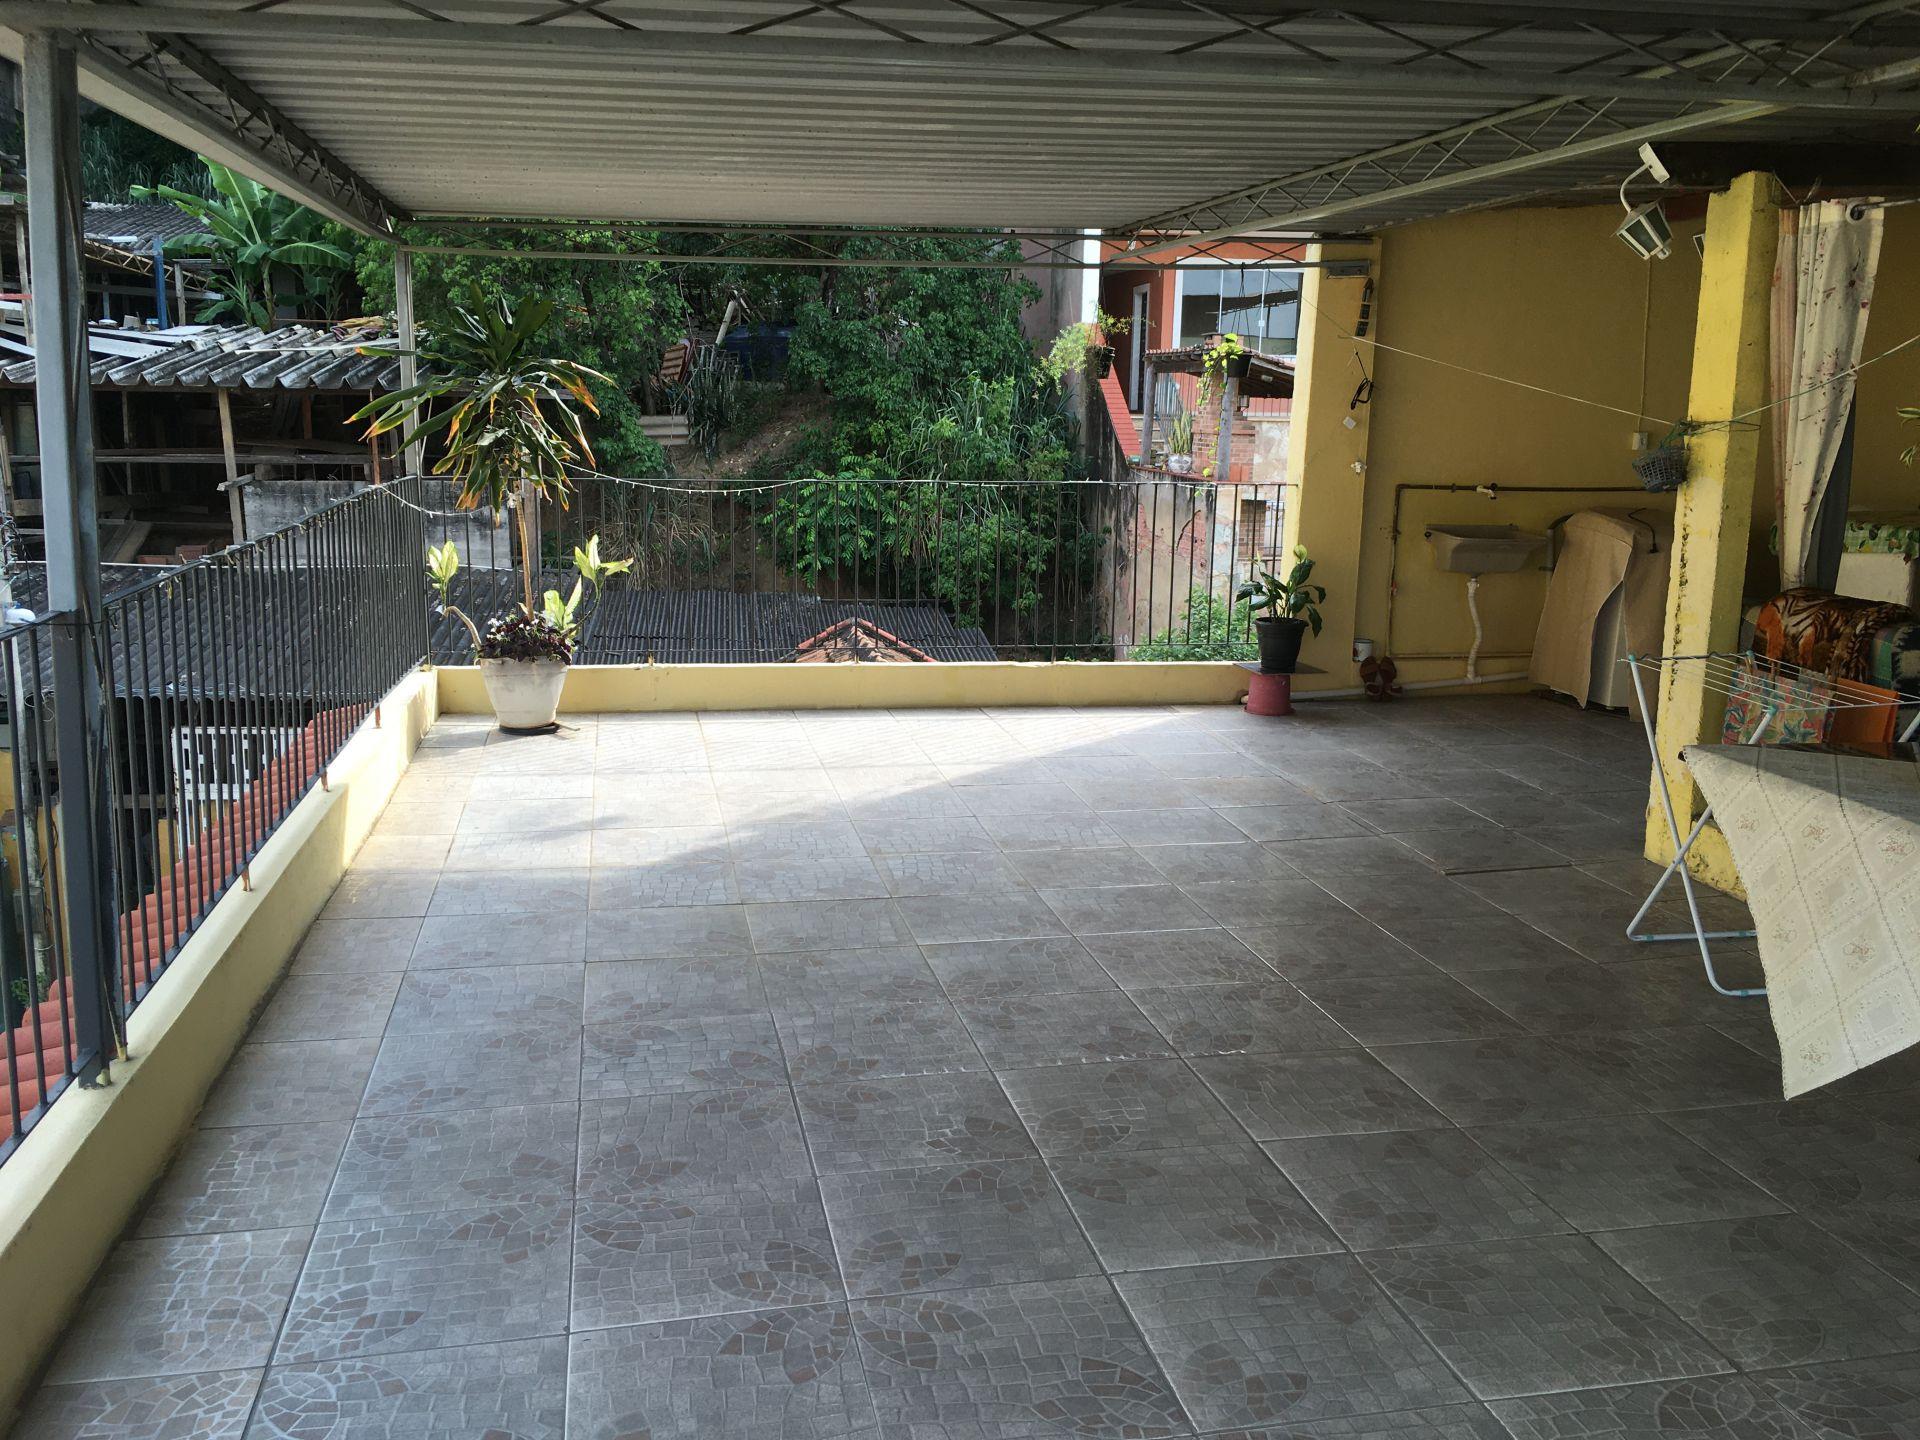 FOTO 18 - Casa de Vila à venda Beco Mário Pereira,Praça Seca, Rio de Janeiro - R$ 350.000 - RF253 - 19